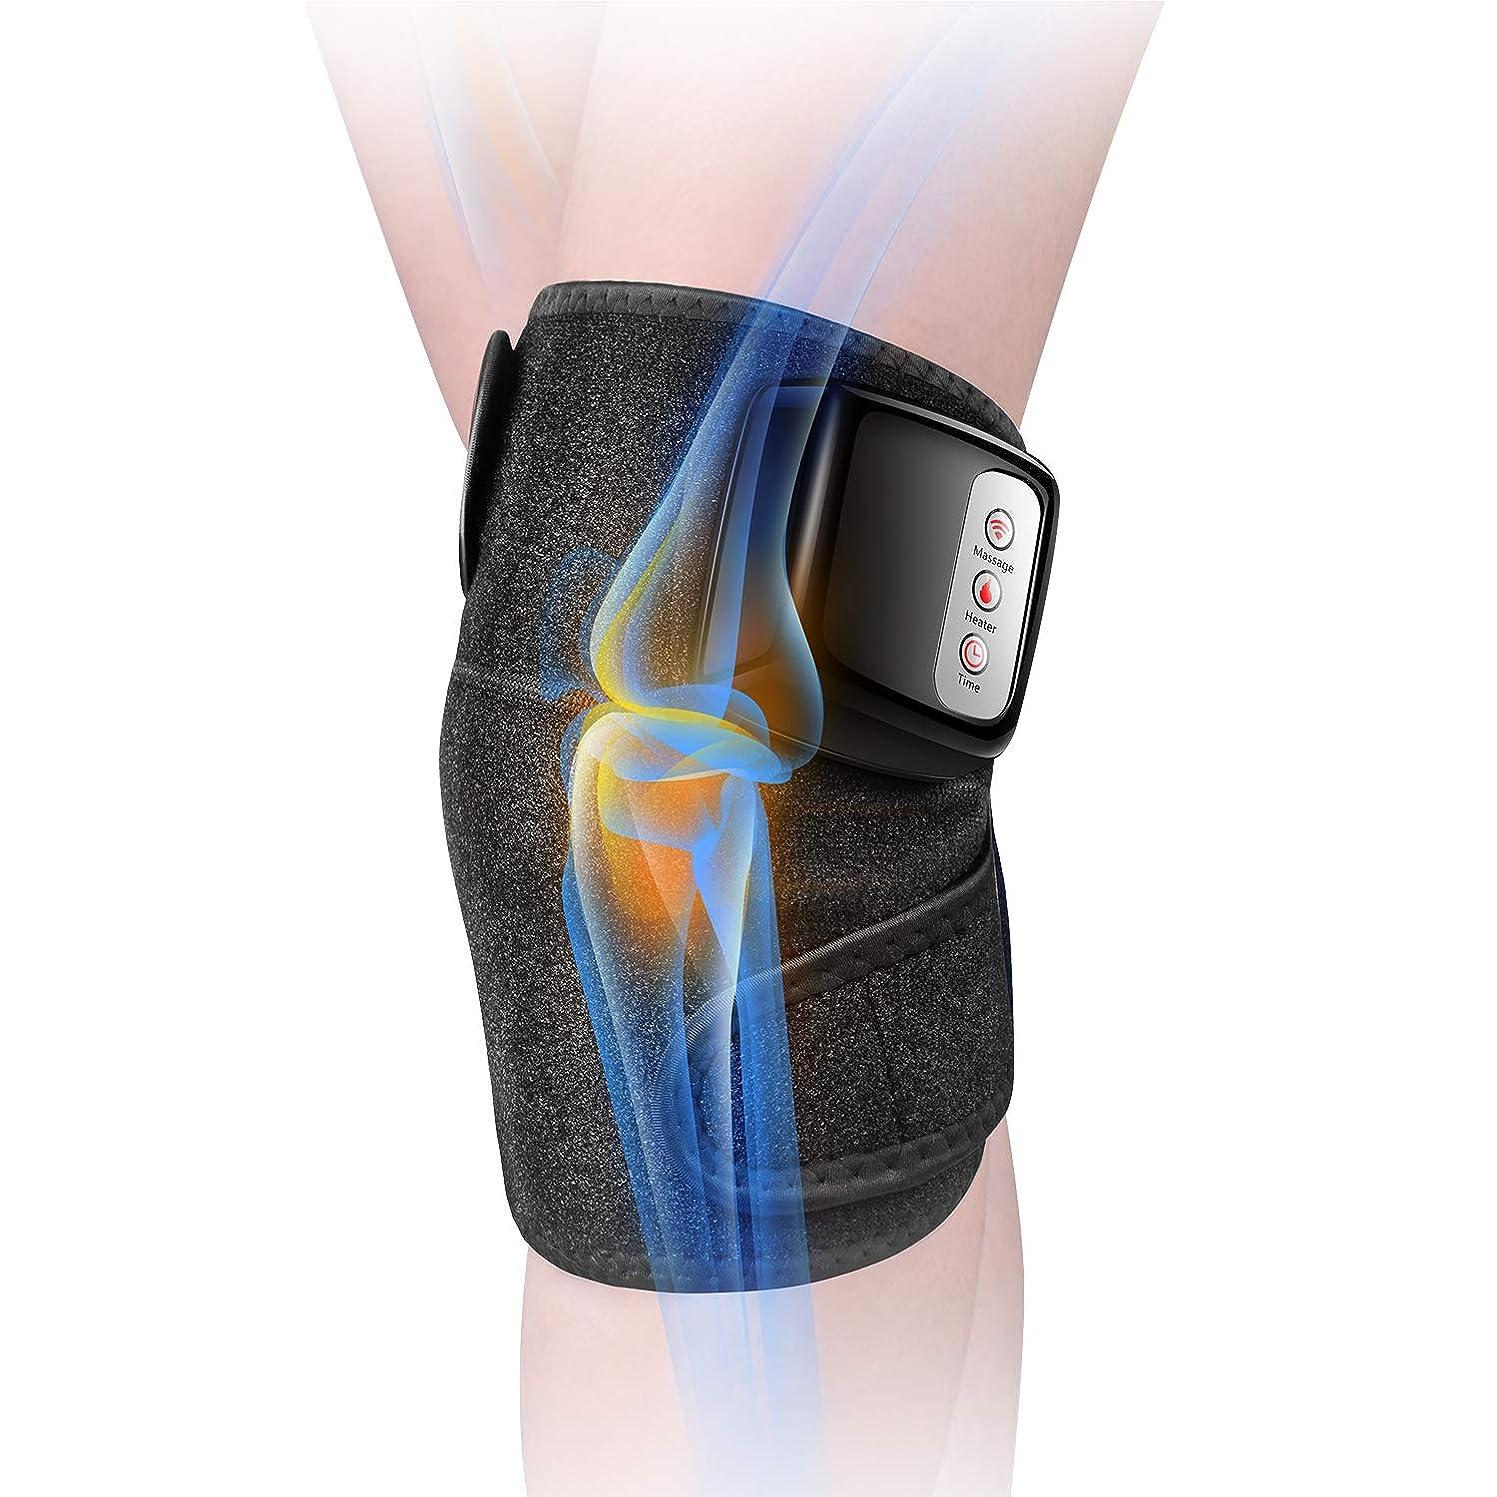 大きさ古い米ドル膝マッサージャー 関節マッサージャー マッサージ器 フットマッサージャー 振動 赤外線療法 温熱療法 膝サポーター ストレス解消 肩 太もも/腕対応